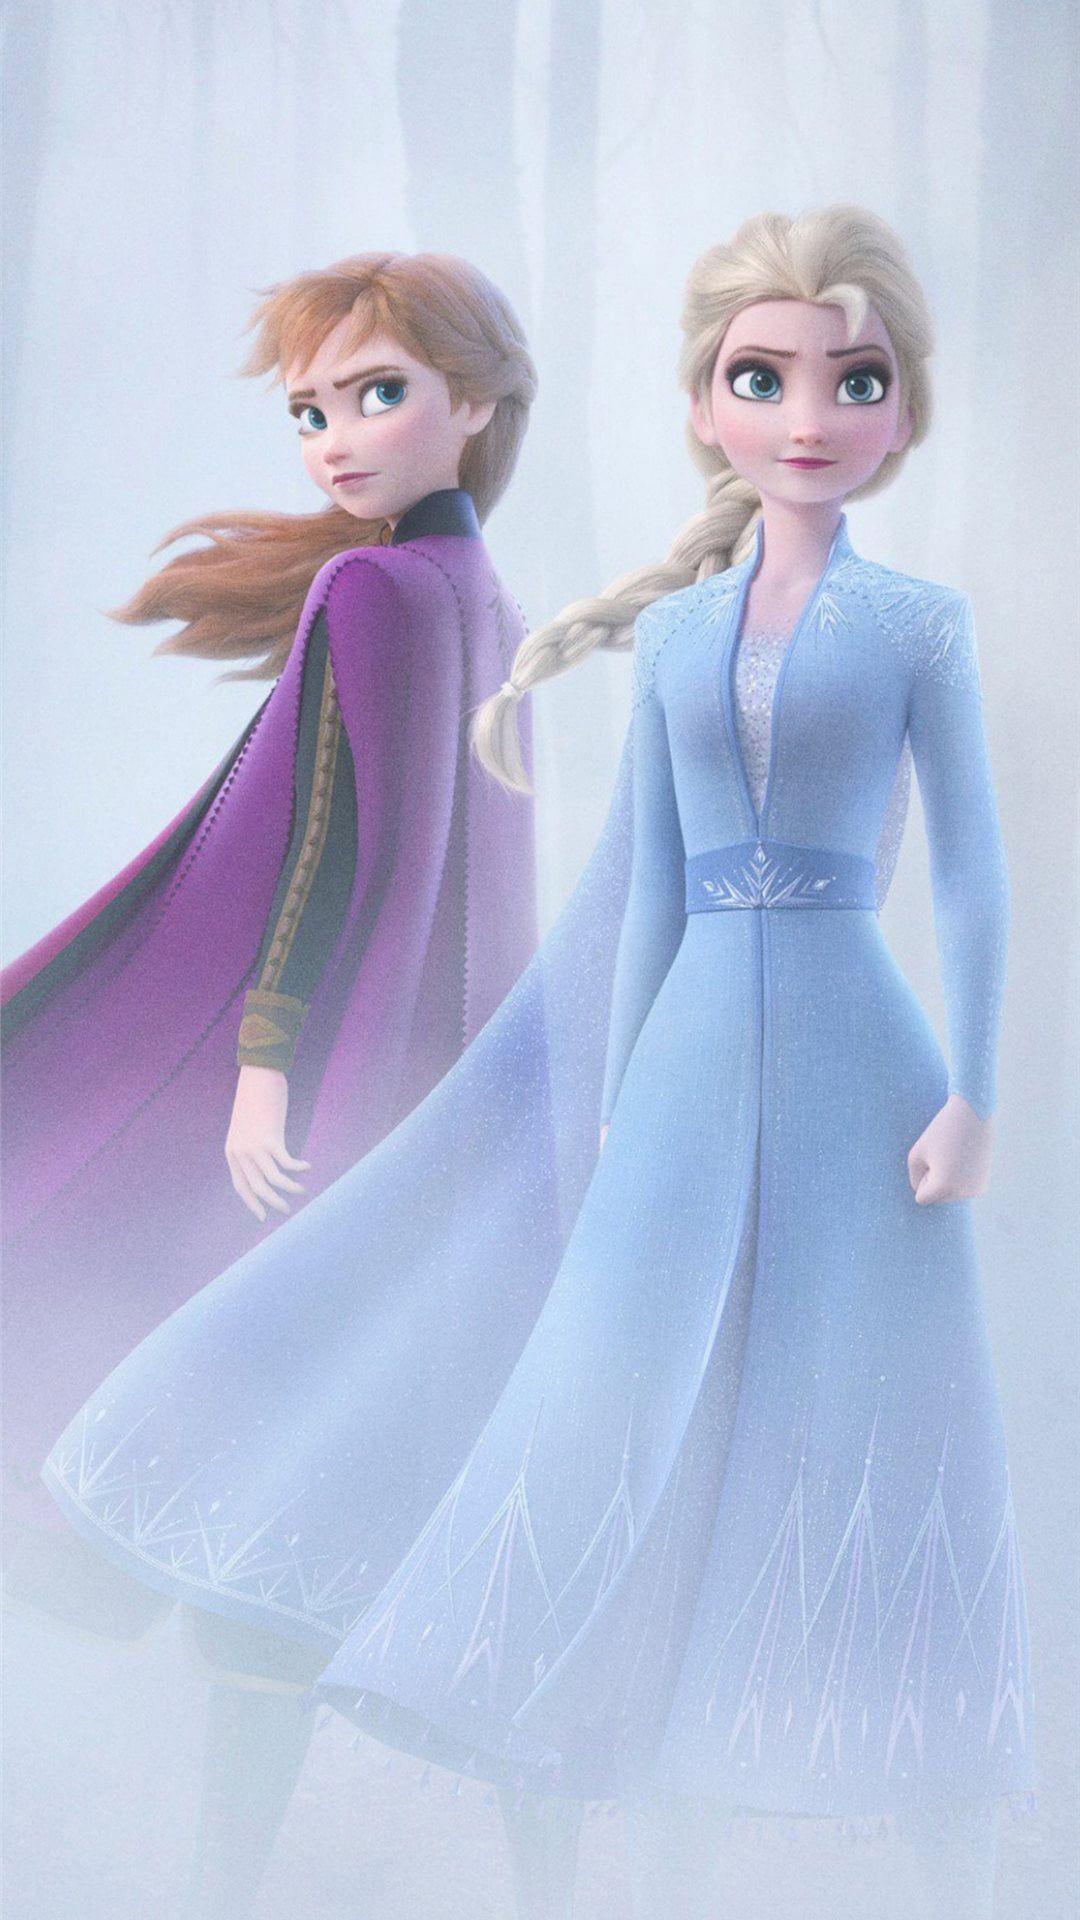 新着6位 アナと雪の女王2 Iphone11 スマホ壁紙 待受画像ギャラリー アナと雪の女王2 雪の女王 アナと雪の女王